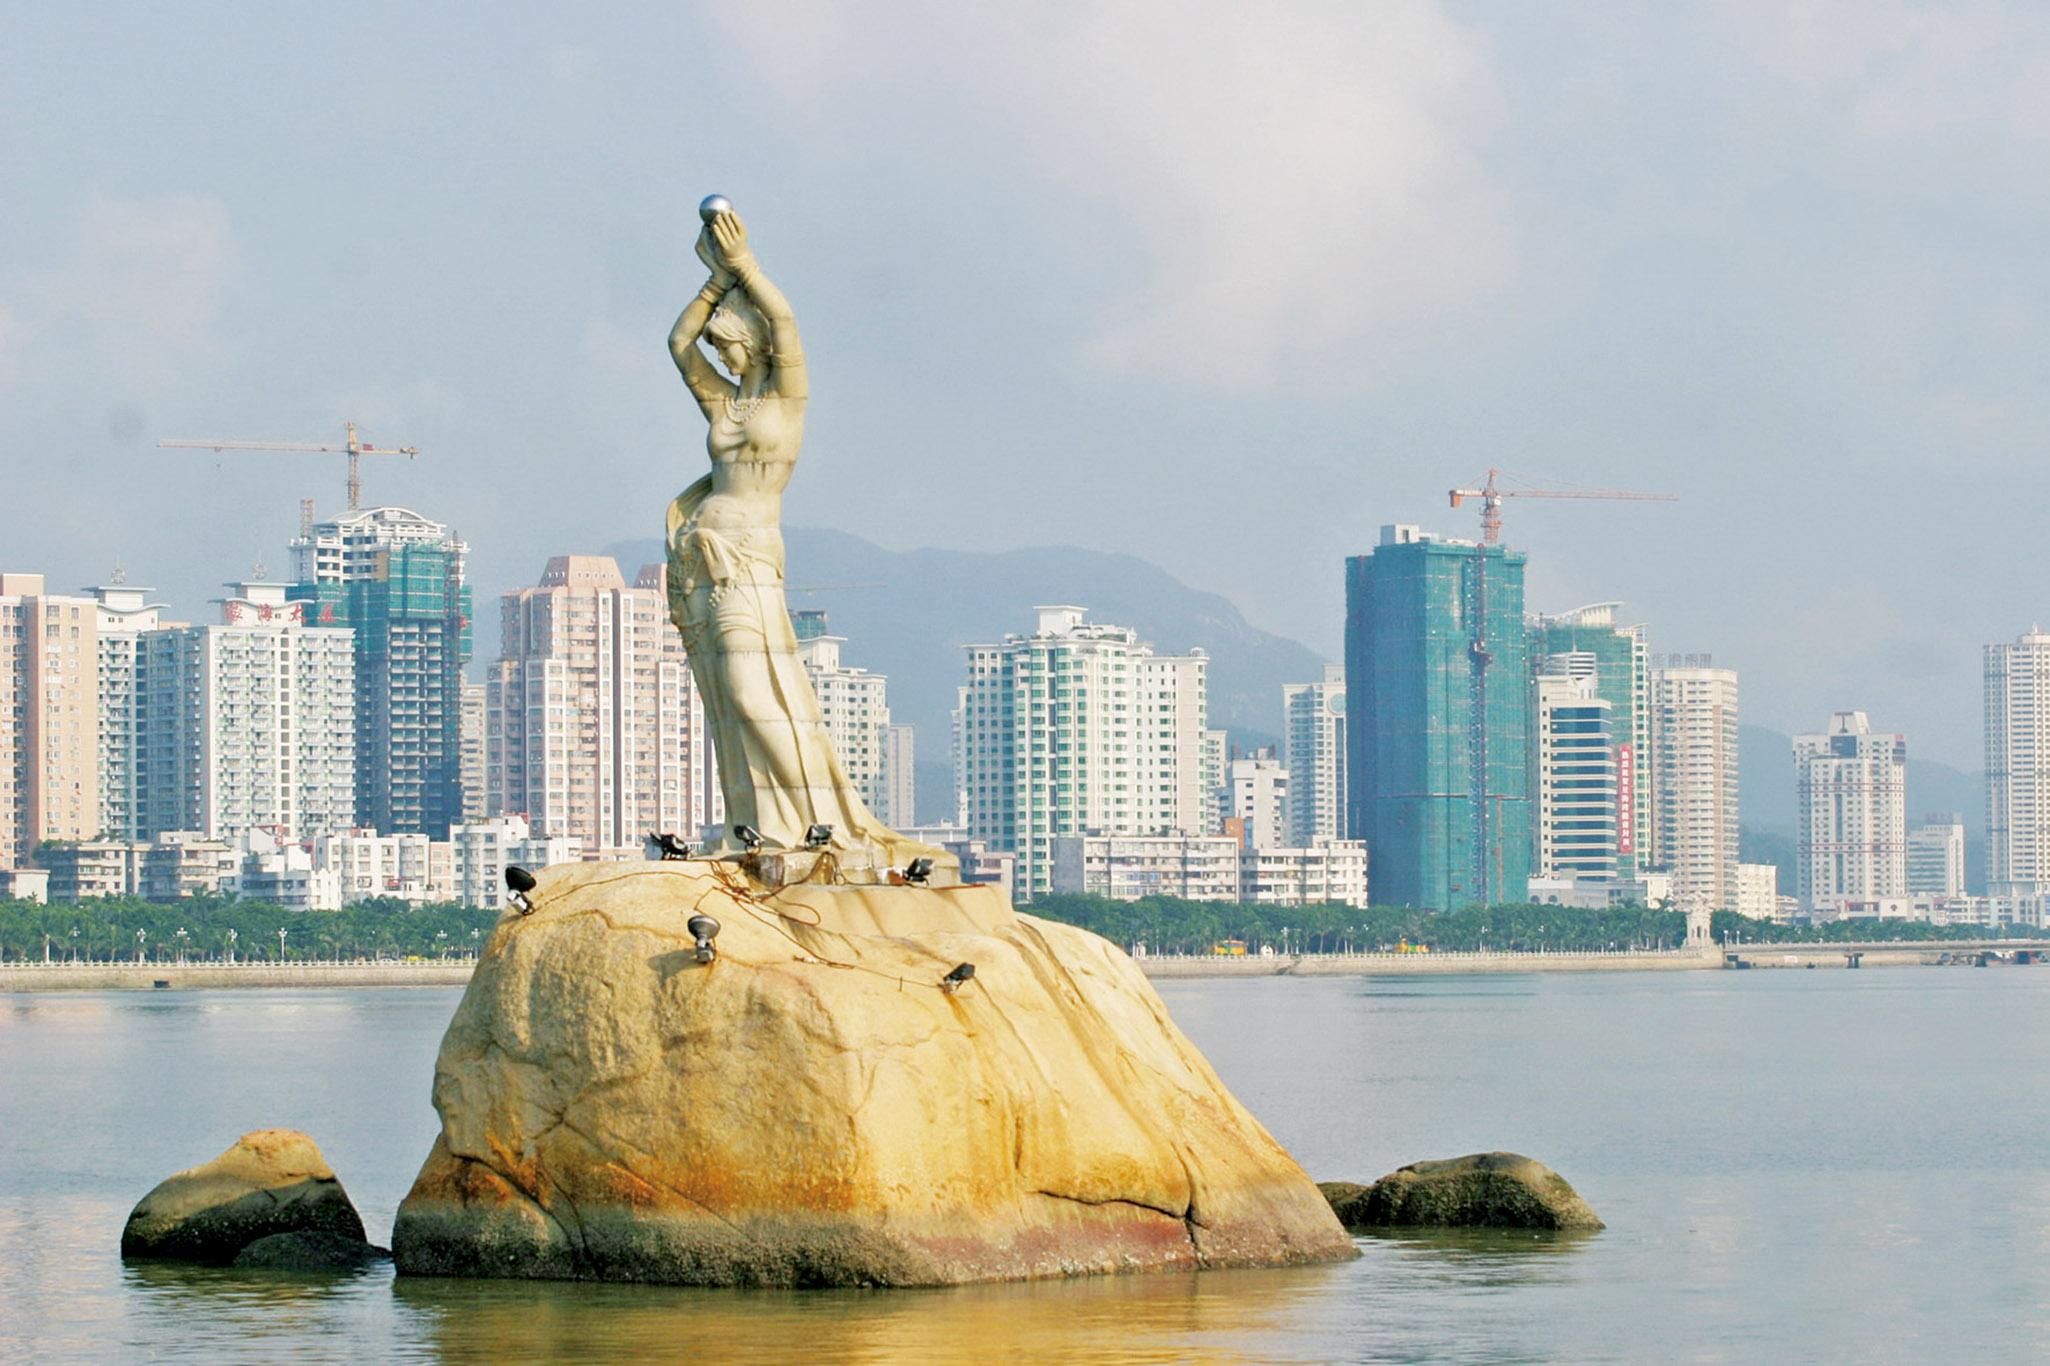 珠海渔女是珠海标志性建筑之一,珠海素来以风景宜人,适合居住著名.